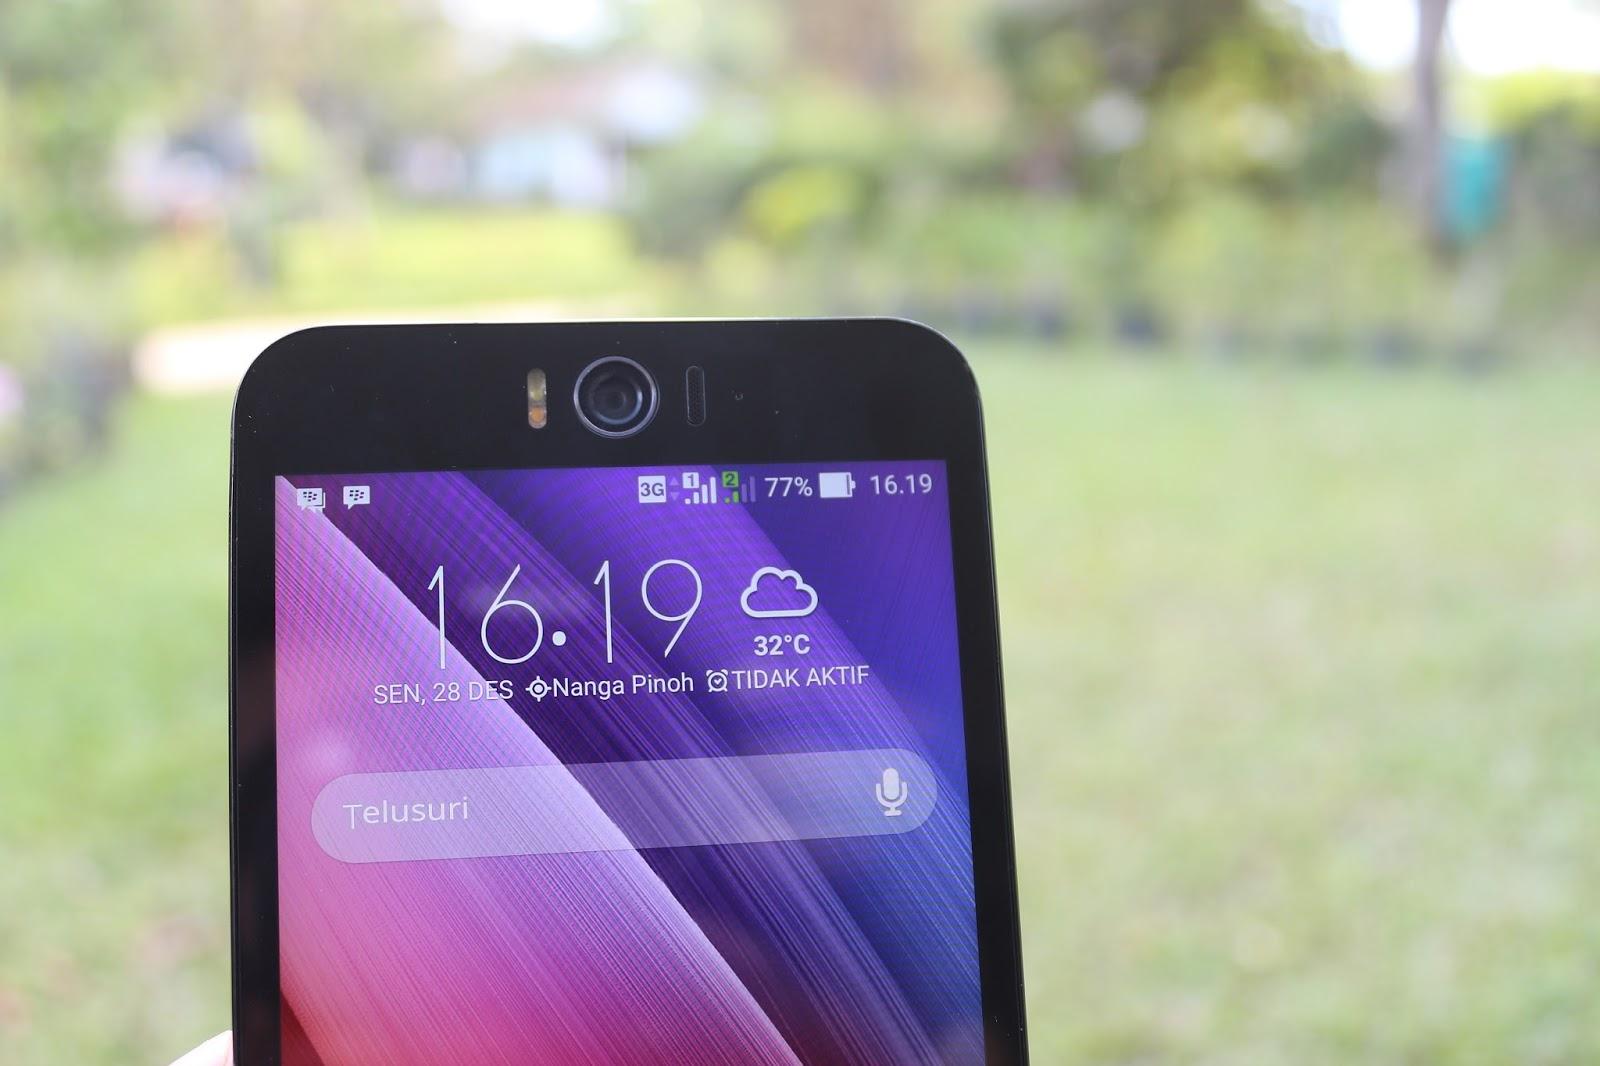 Review Lengkap Asus Zenfone Selfie Zd551kl Selfi 4g Lte Langkap